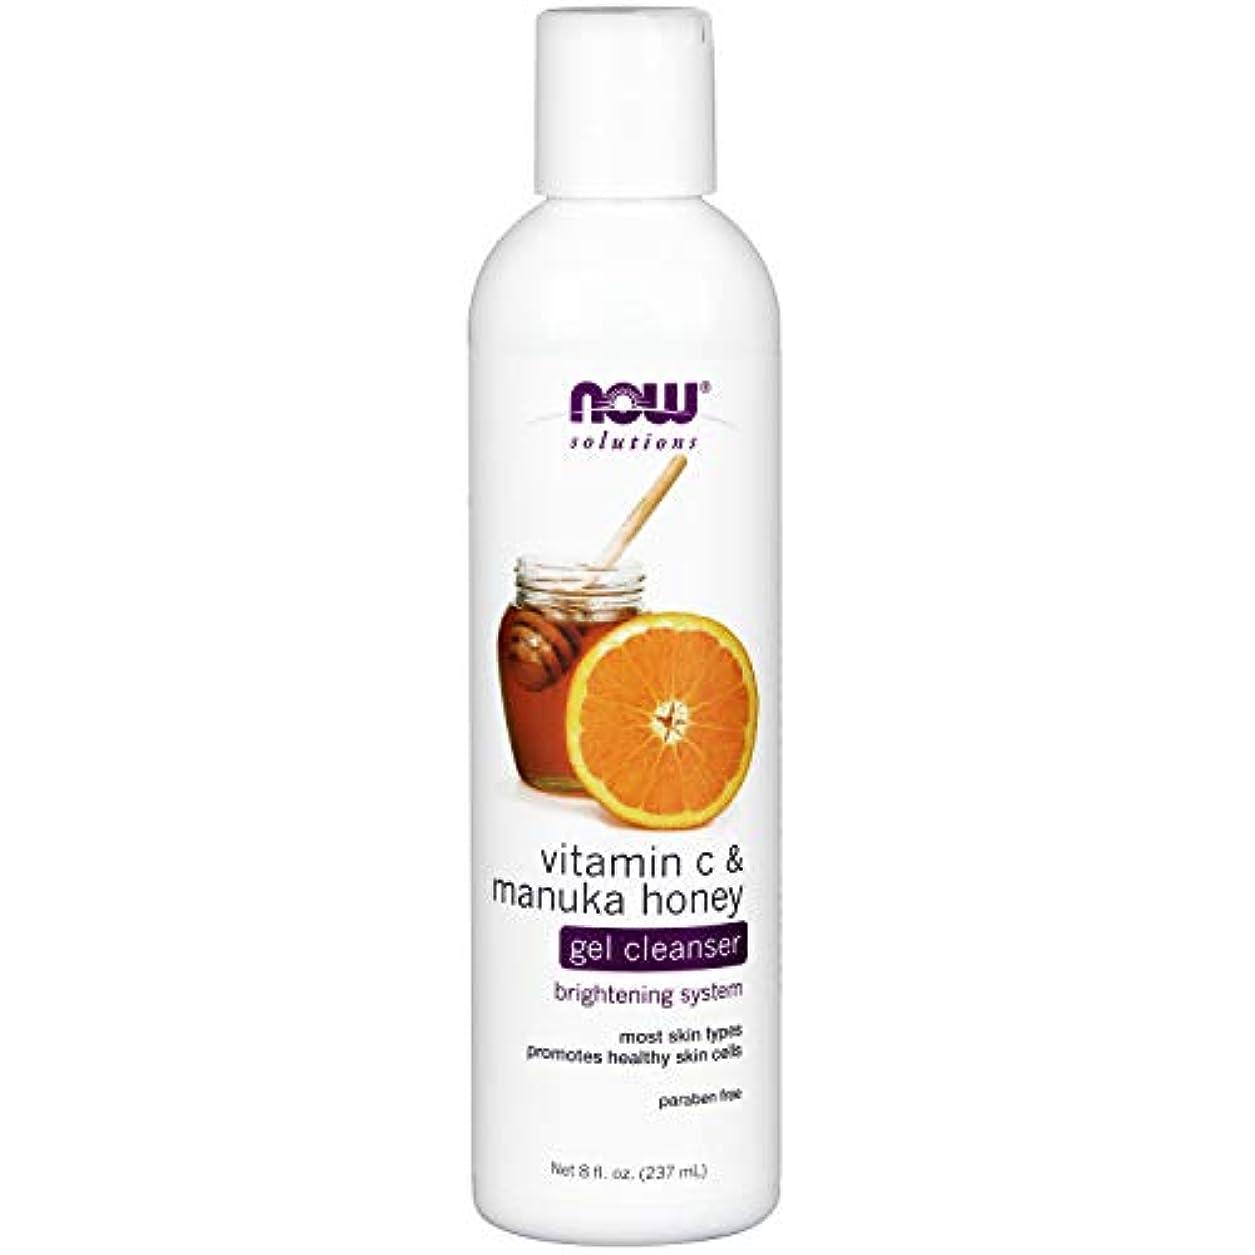 のために虐殺白雪姫NOW Vitamin C & Manuka Honey Gel Cleanser - 8 fl. oz. ビタミンC&マヌカハニー配合のジェルタイプ洗顔 ~海外直送品~